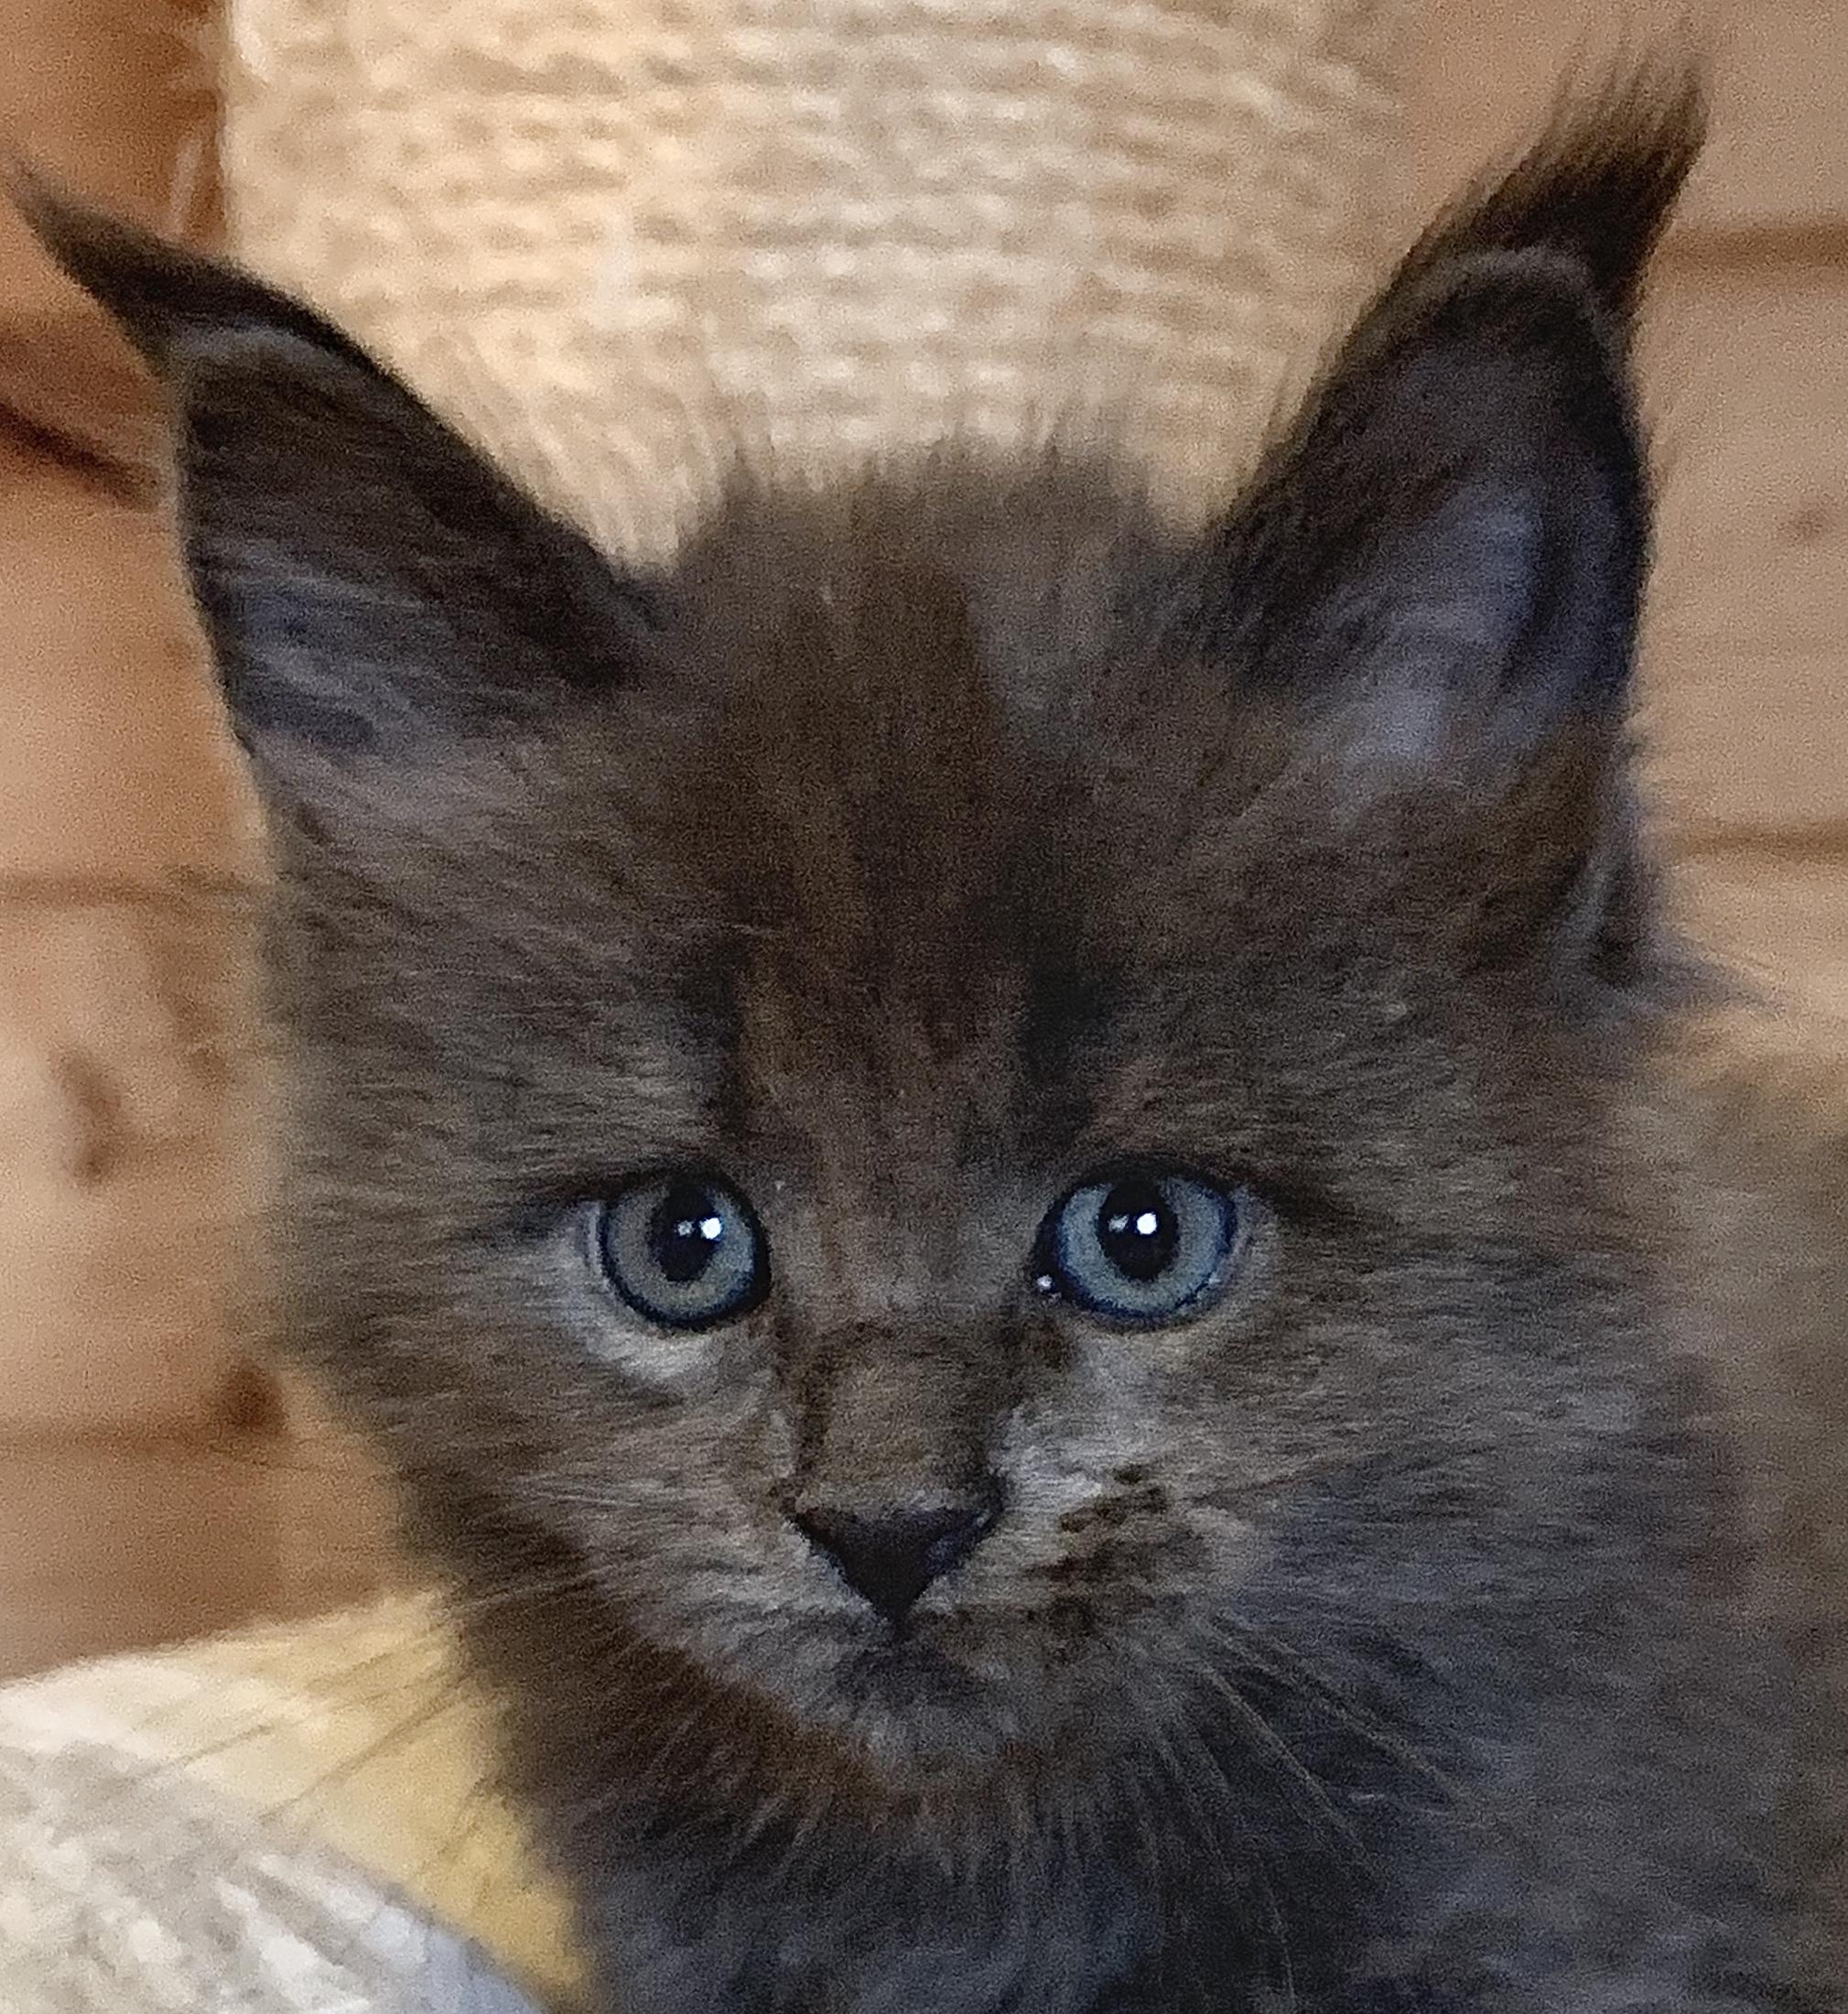 fotka kočky VRH L: LUCREZIA GRAND VON ERILLIAN*CZ